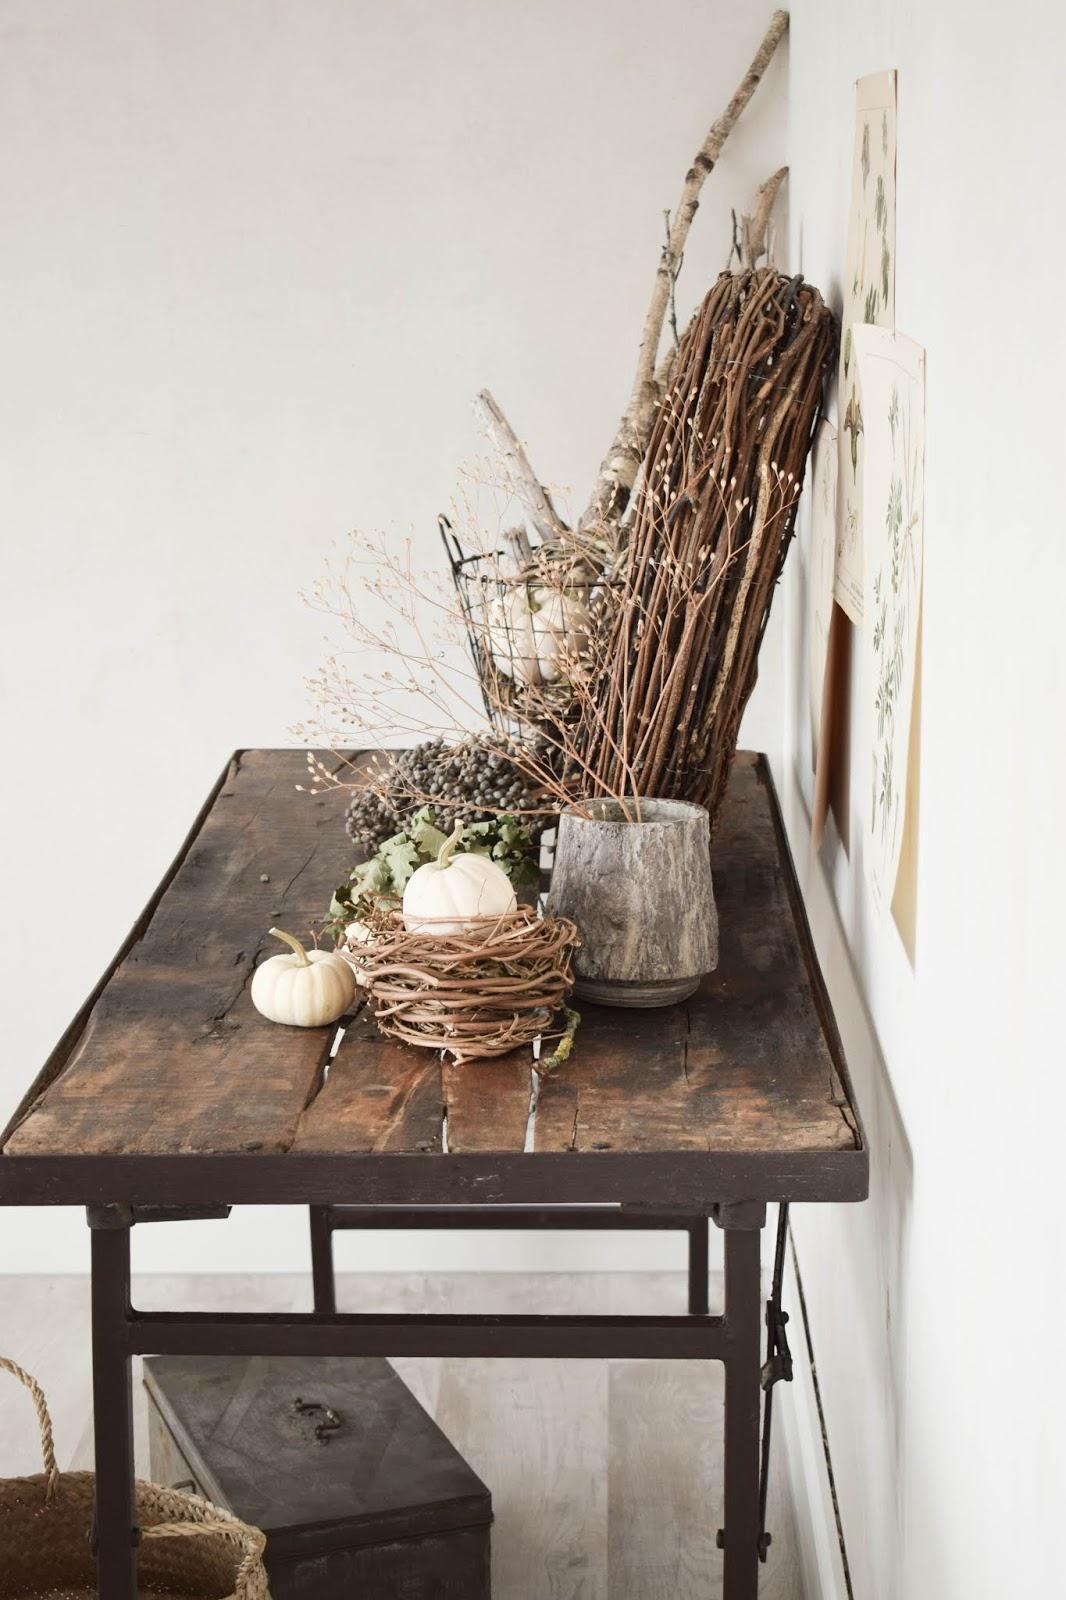 Herbstdeko für Konsole. Deko für den Herbst mit Kübrissen, Kränzen, Holz und botanischen Drucken. Dekoidee. Herbstlich dekorieren Wohnidee Sideboard Kürbis natürlich